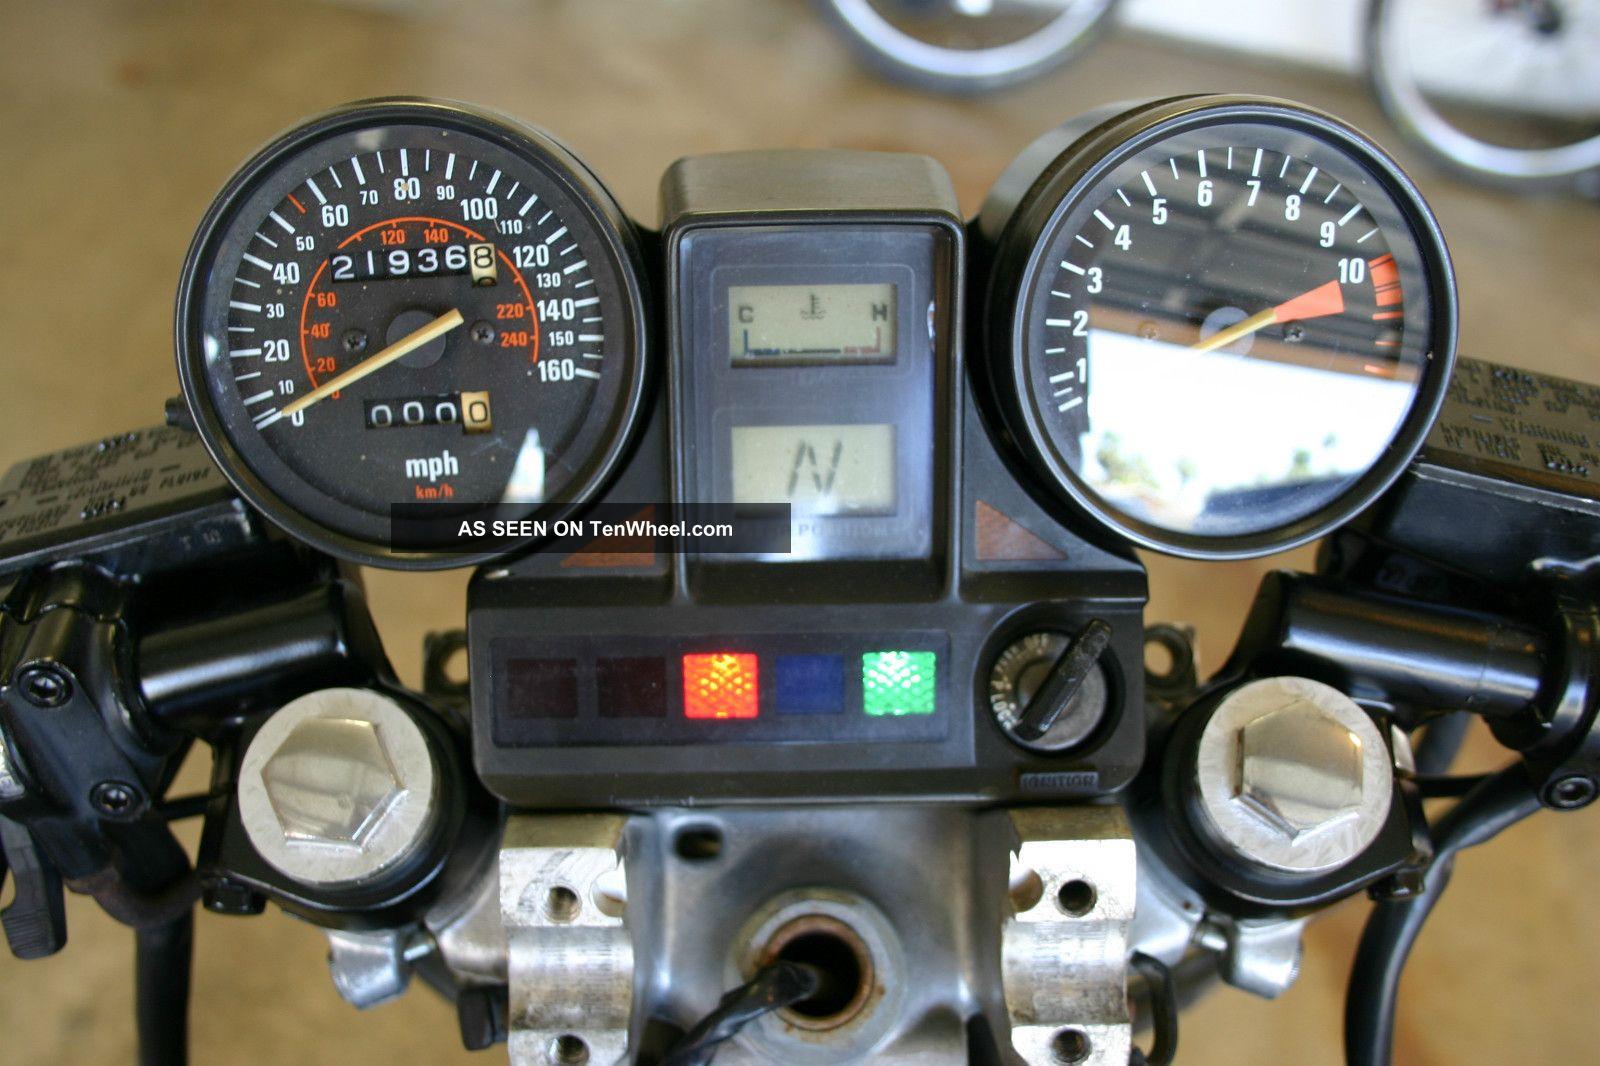 1983 Honda Magna V65 Bobber Ducati 160 Wiring Diagram